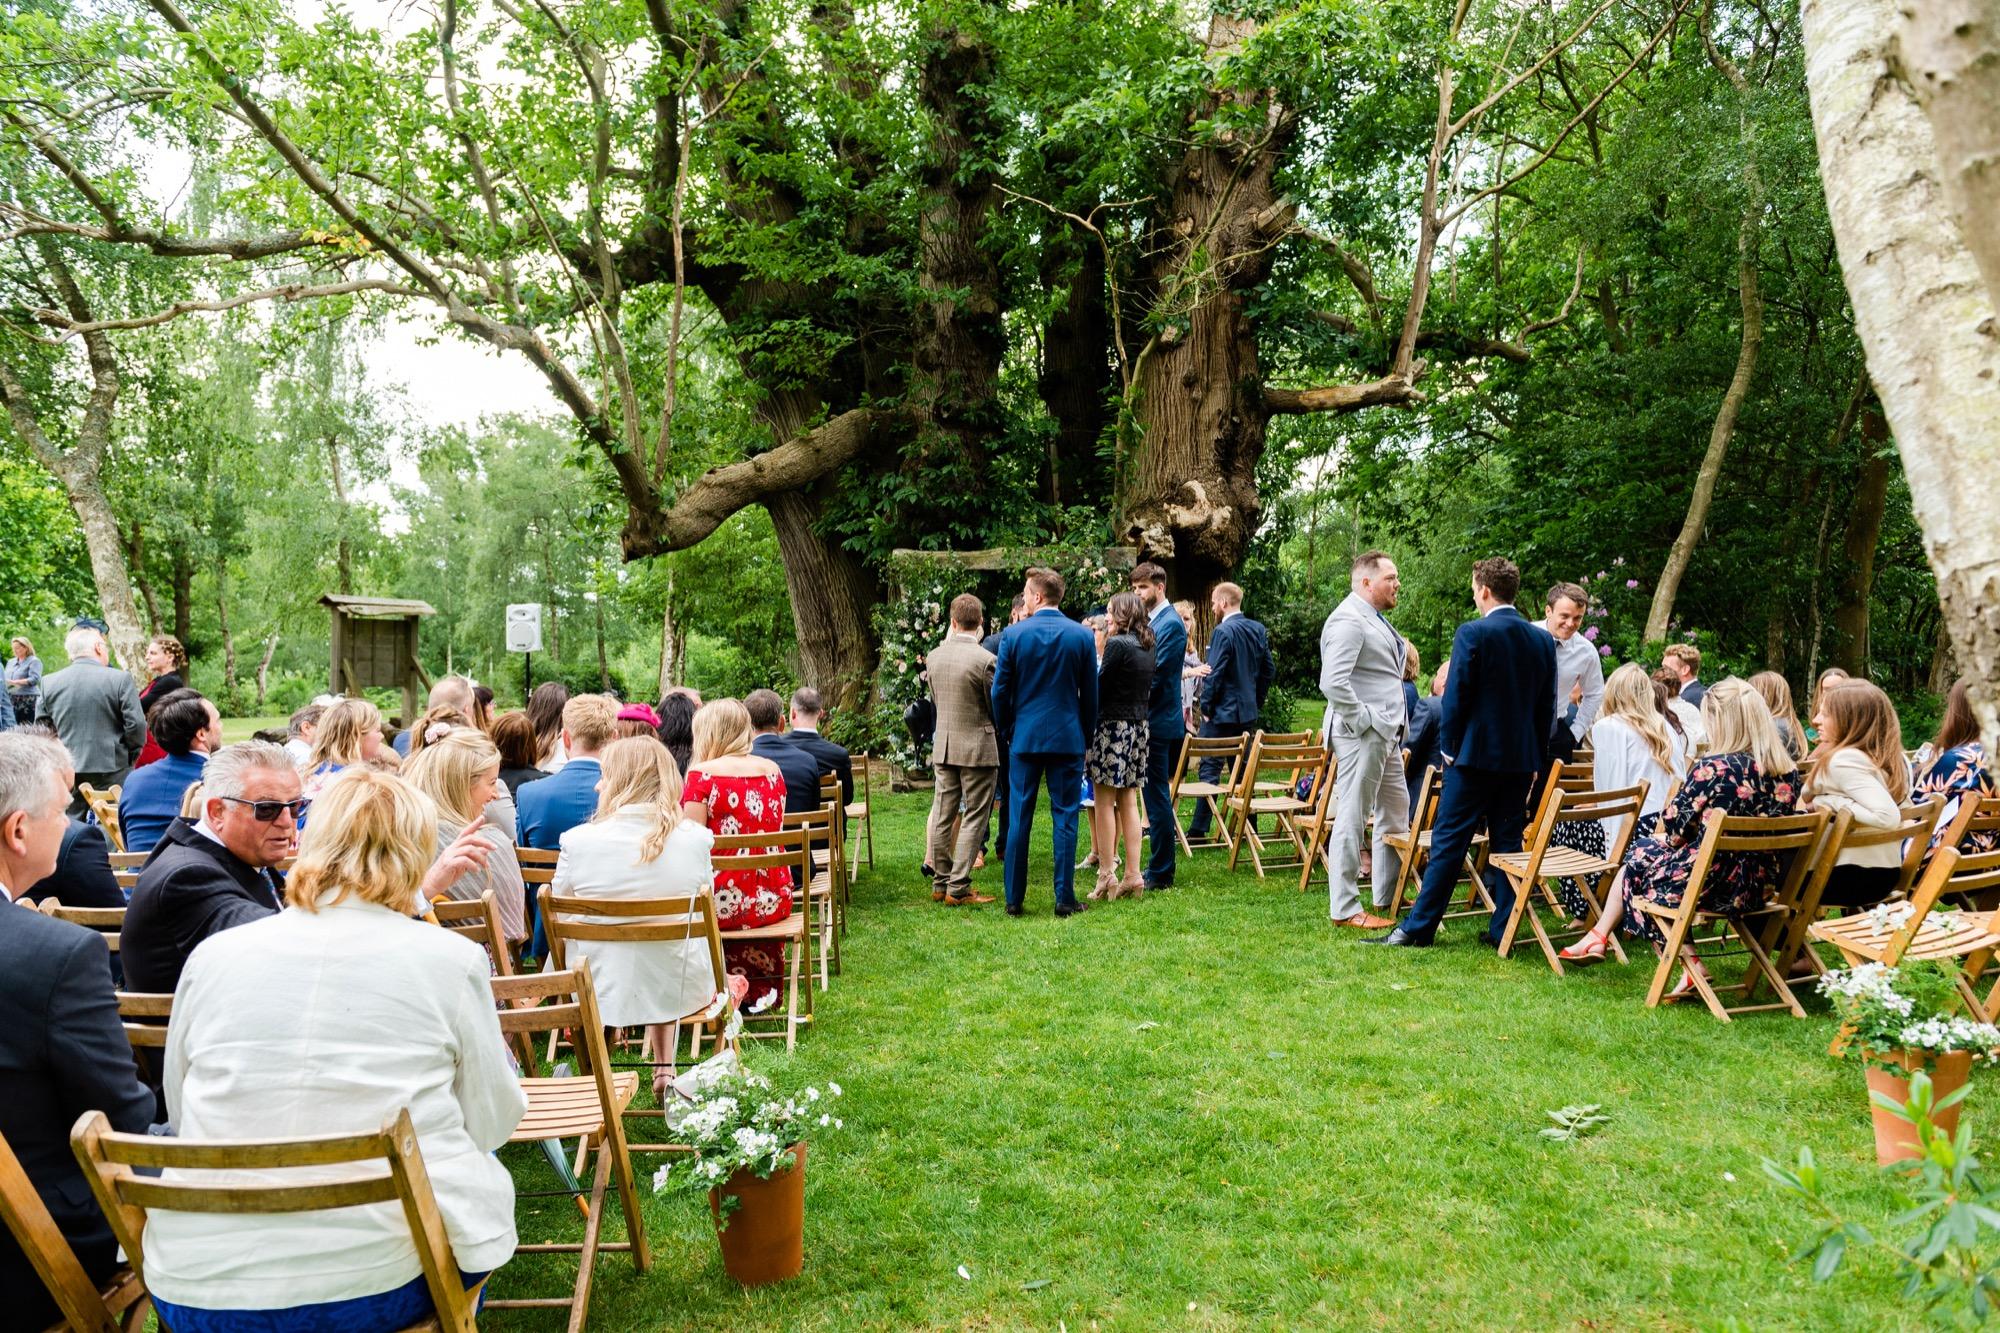 Nessa and Mark wedding 08 06 19-242.jpg